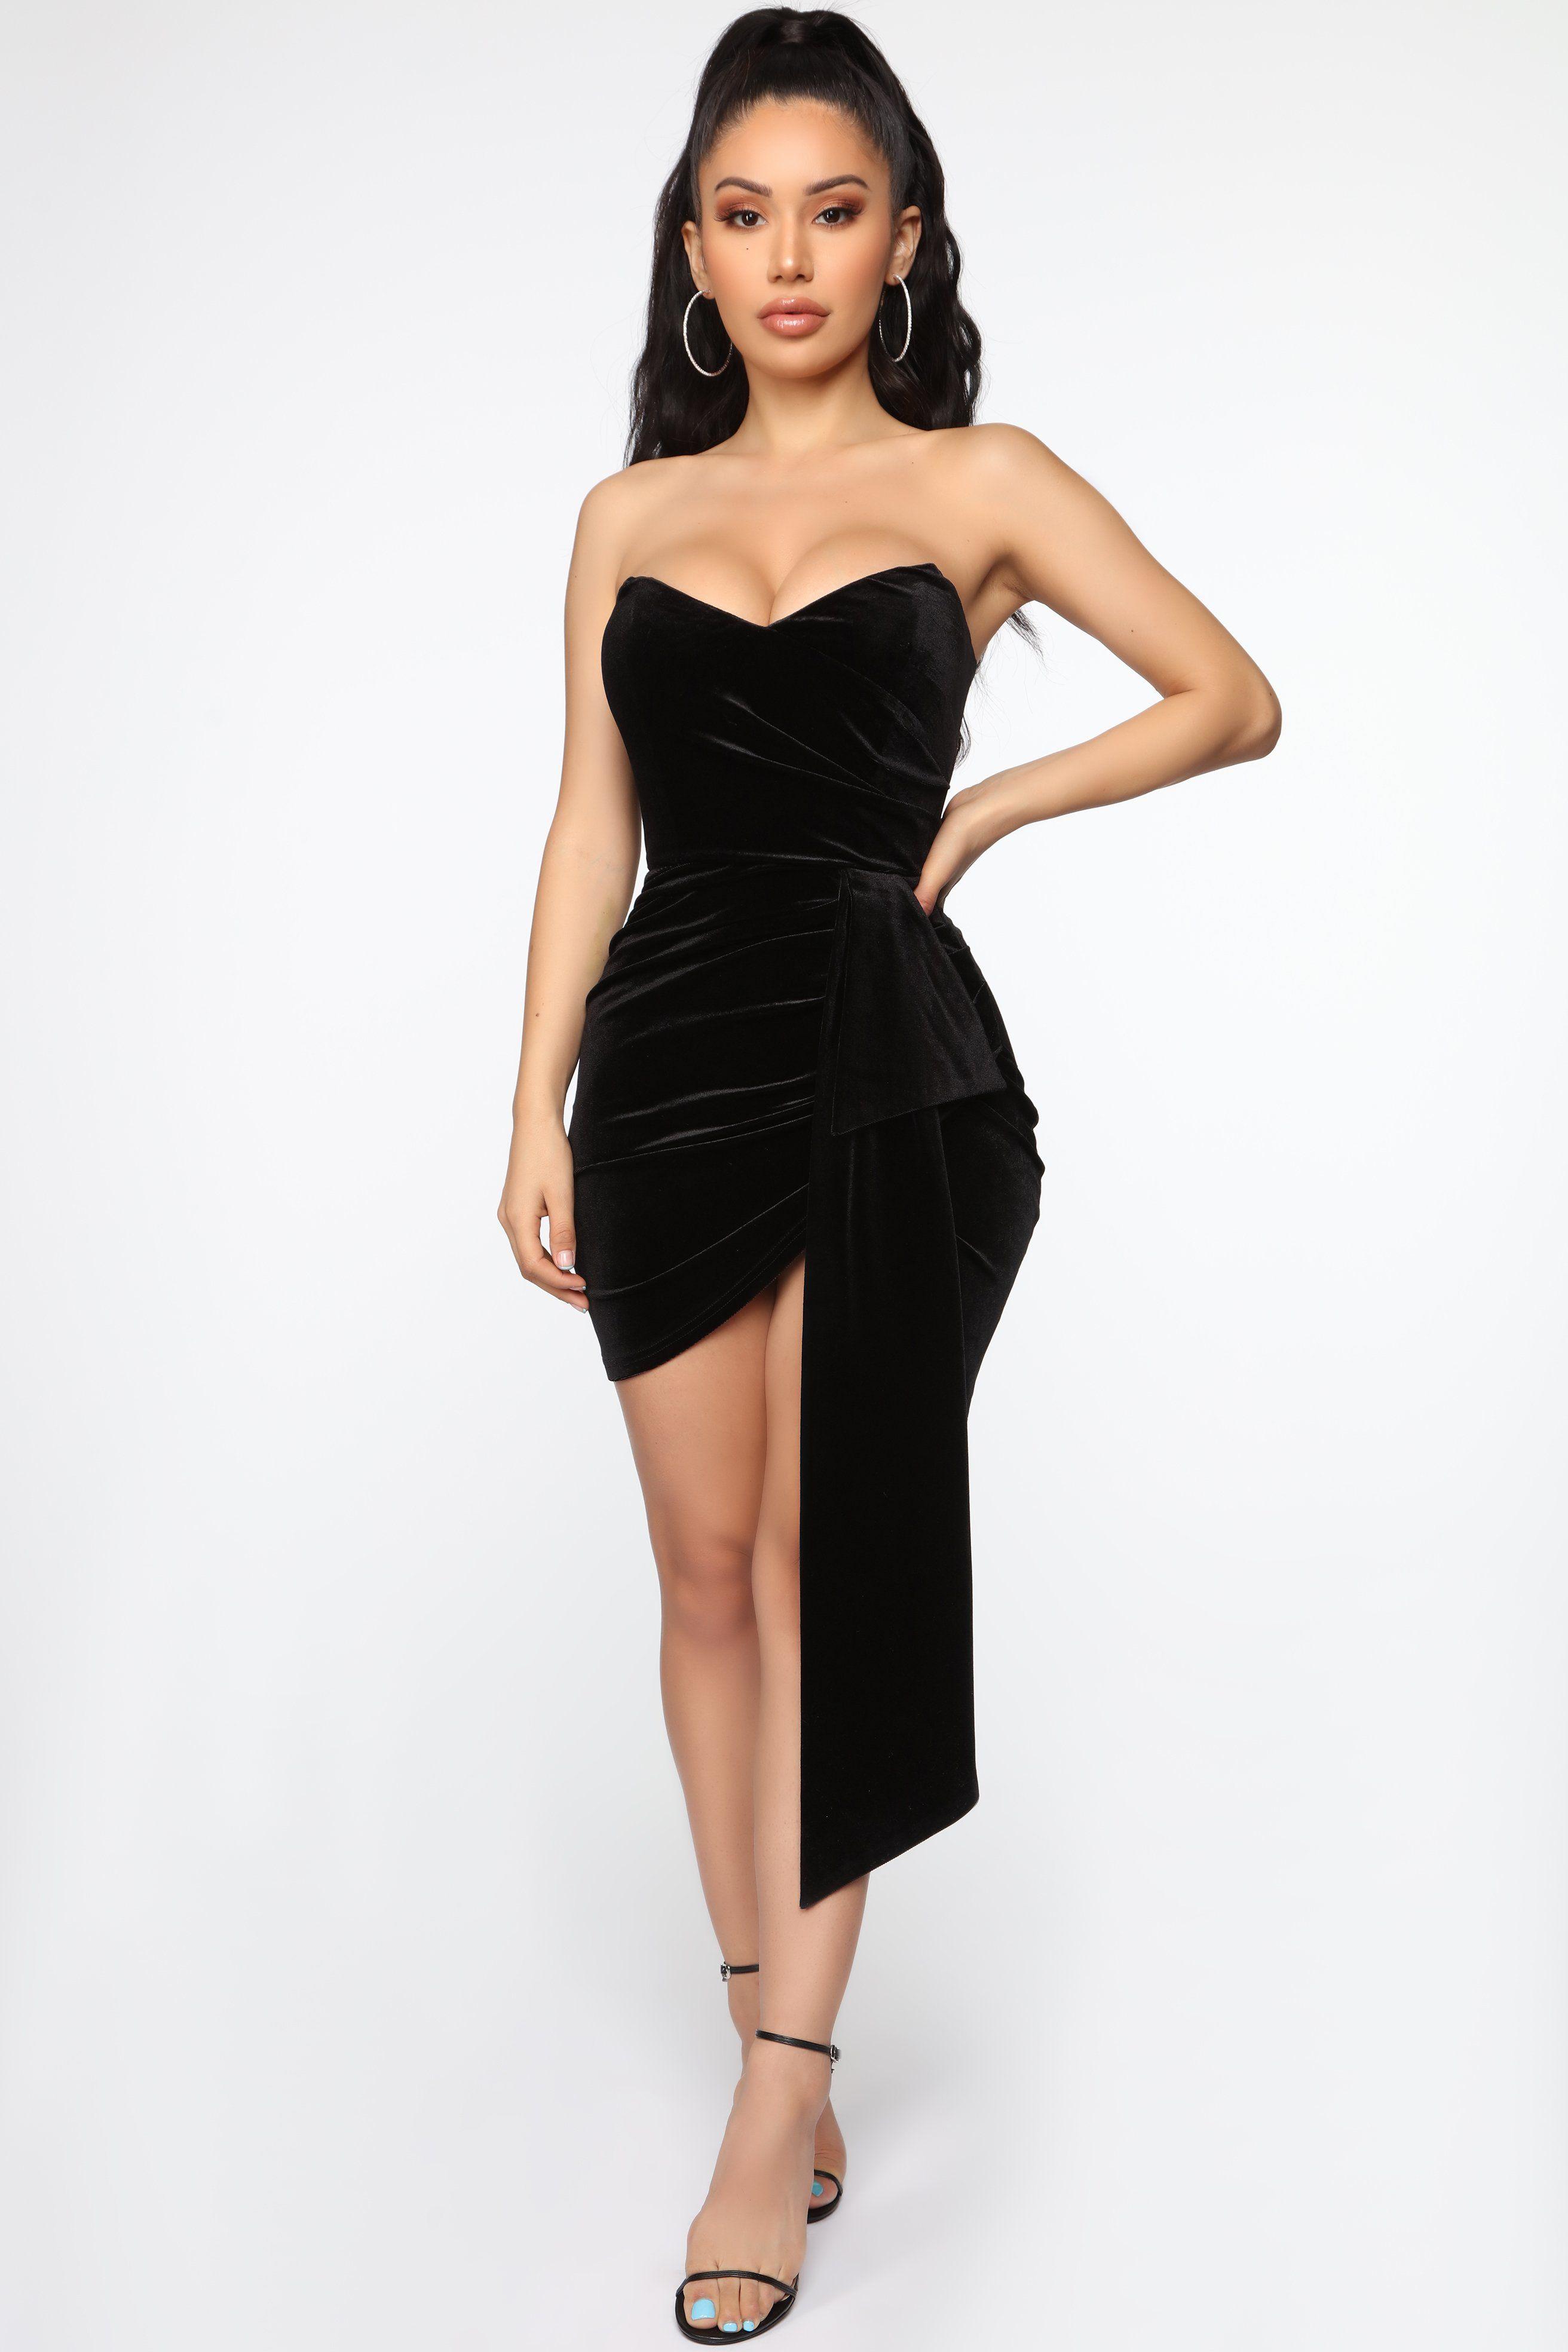 Details about  /Front Short Rear Length Bridesmaid Dress Applique Evening Dress Cocktail Dress